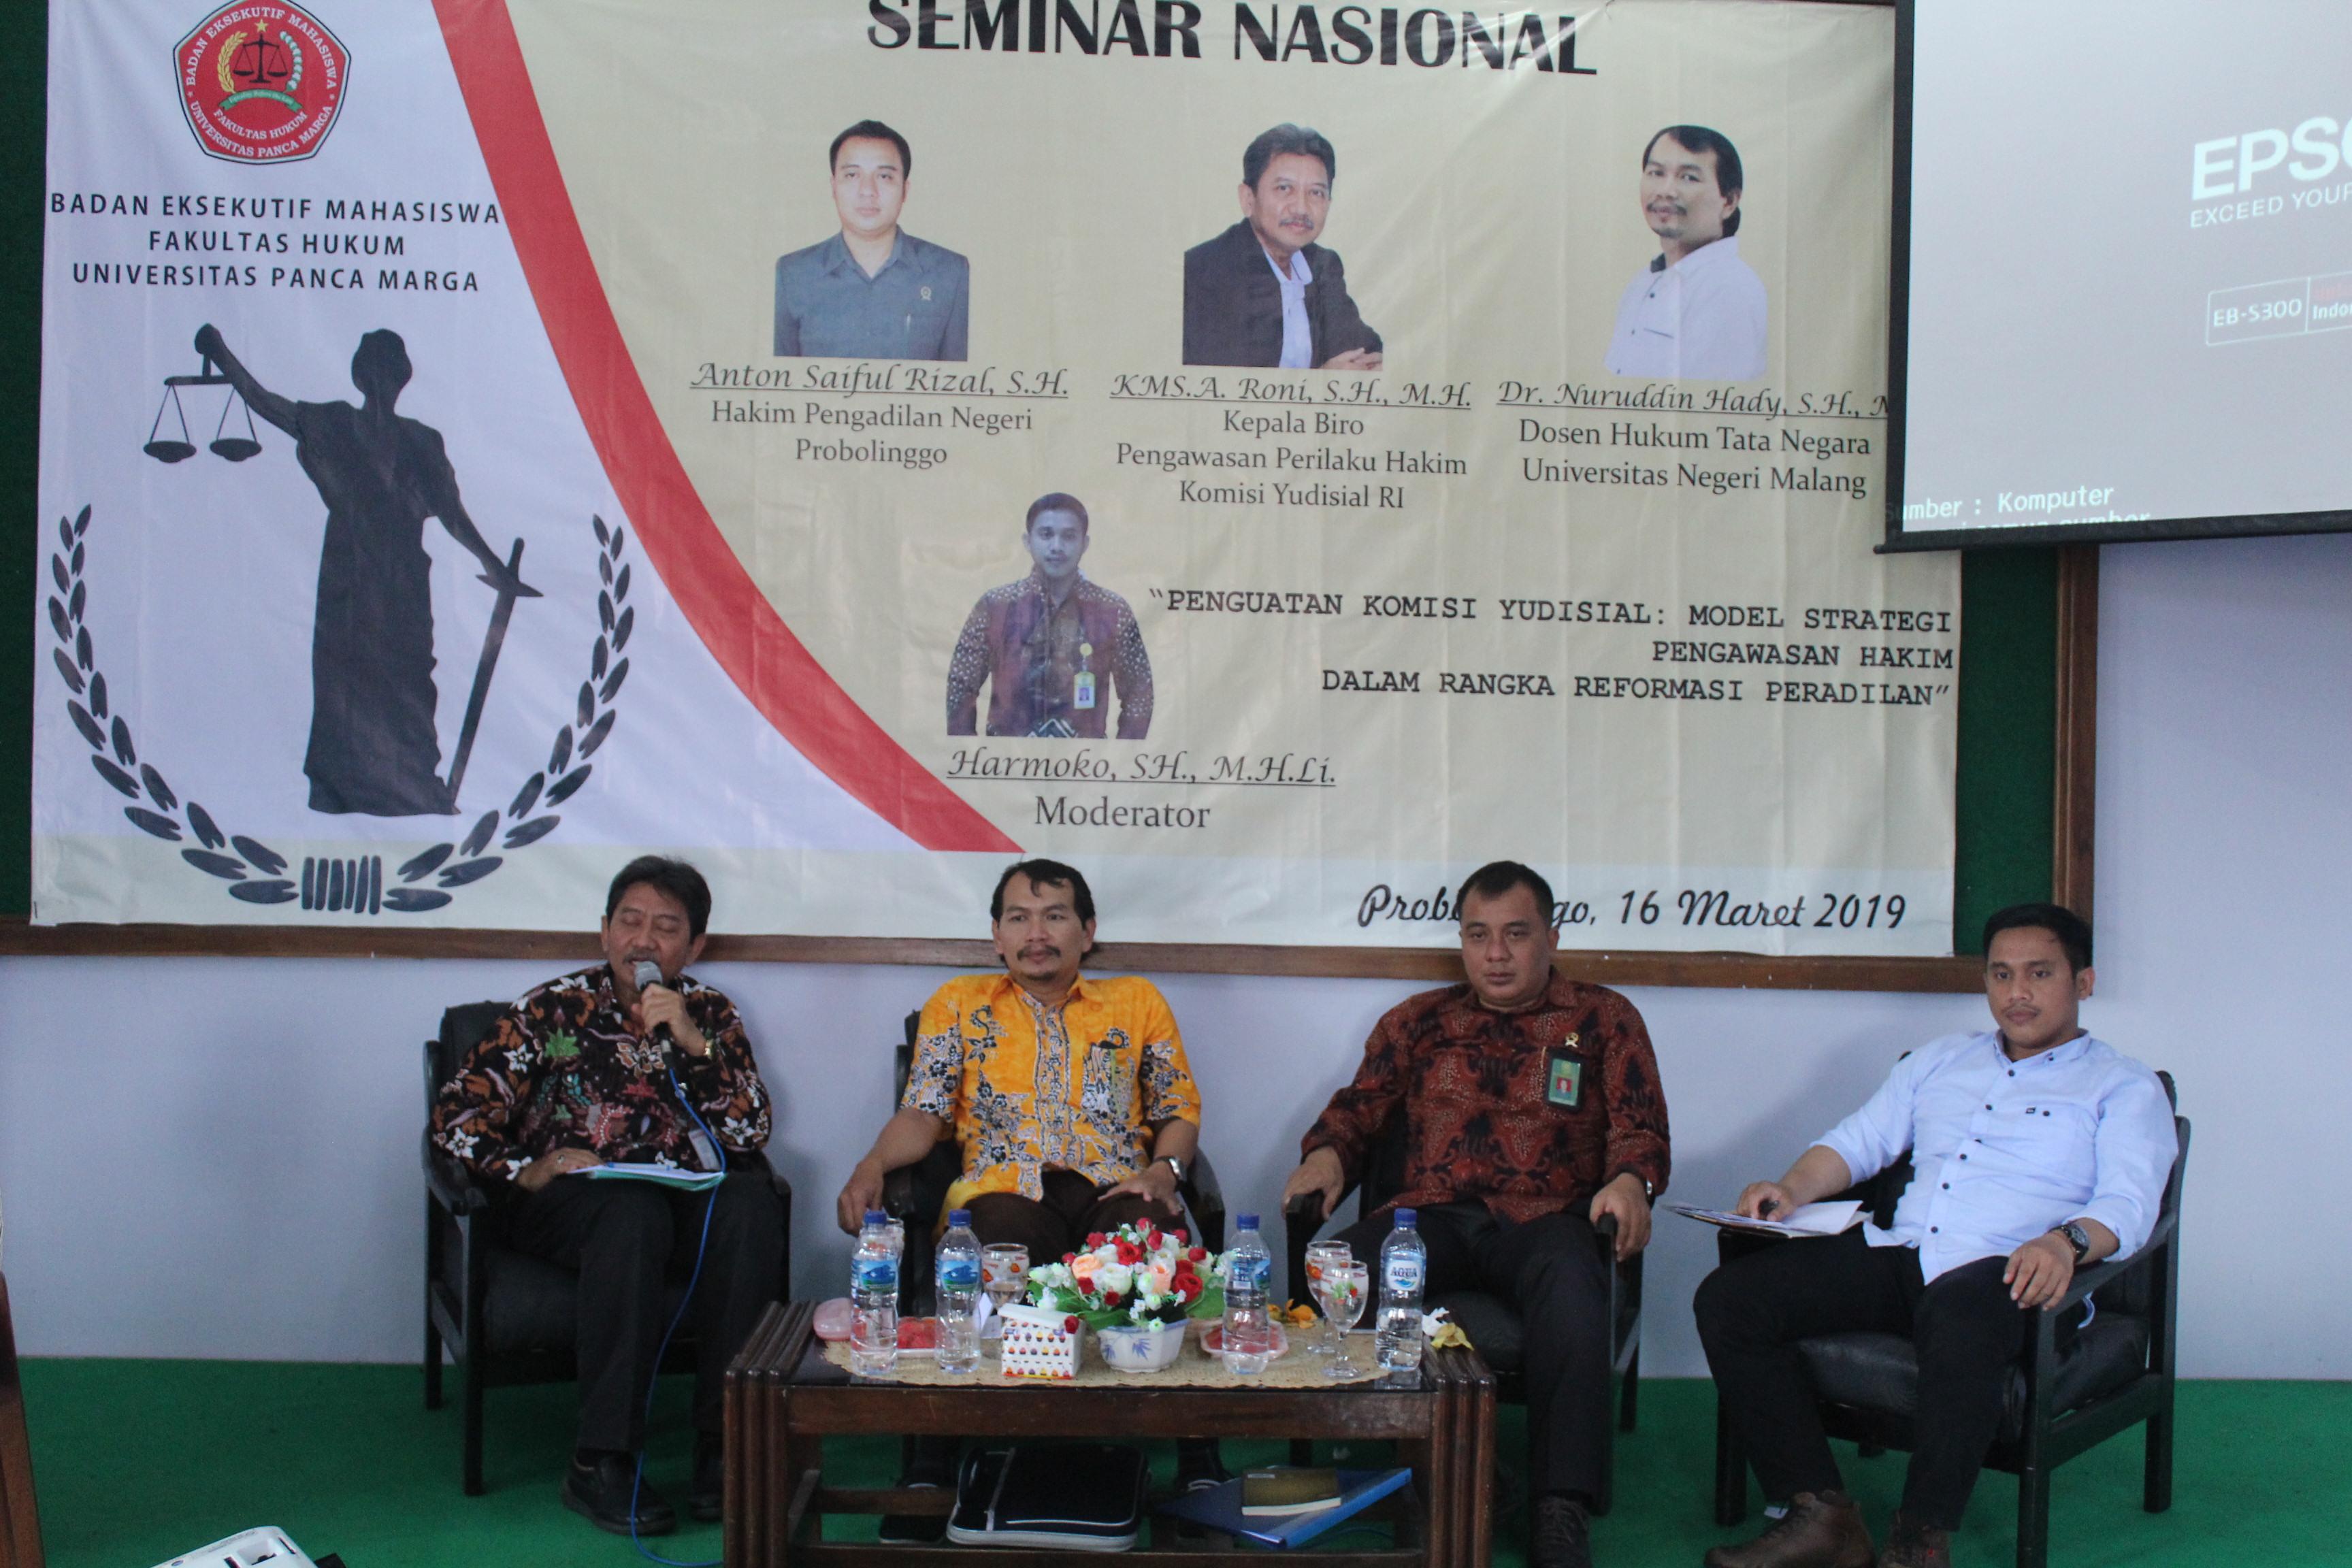 Seminar Nasional Penguatan Komisi Yudisial : Model Strategi Hakim,Pengawasan Hakim Dalam Rangka Reformasi Peradilan